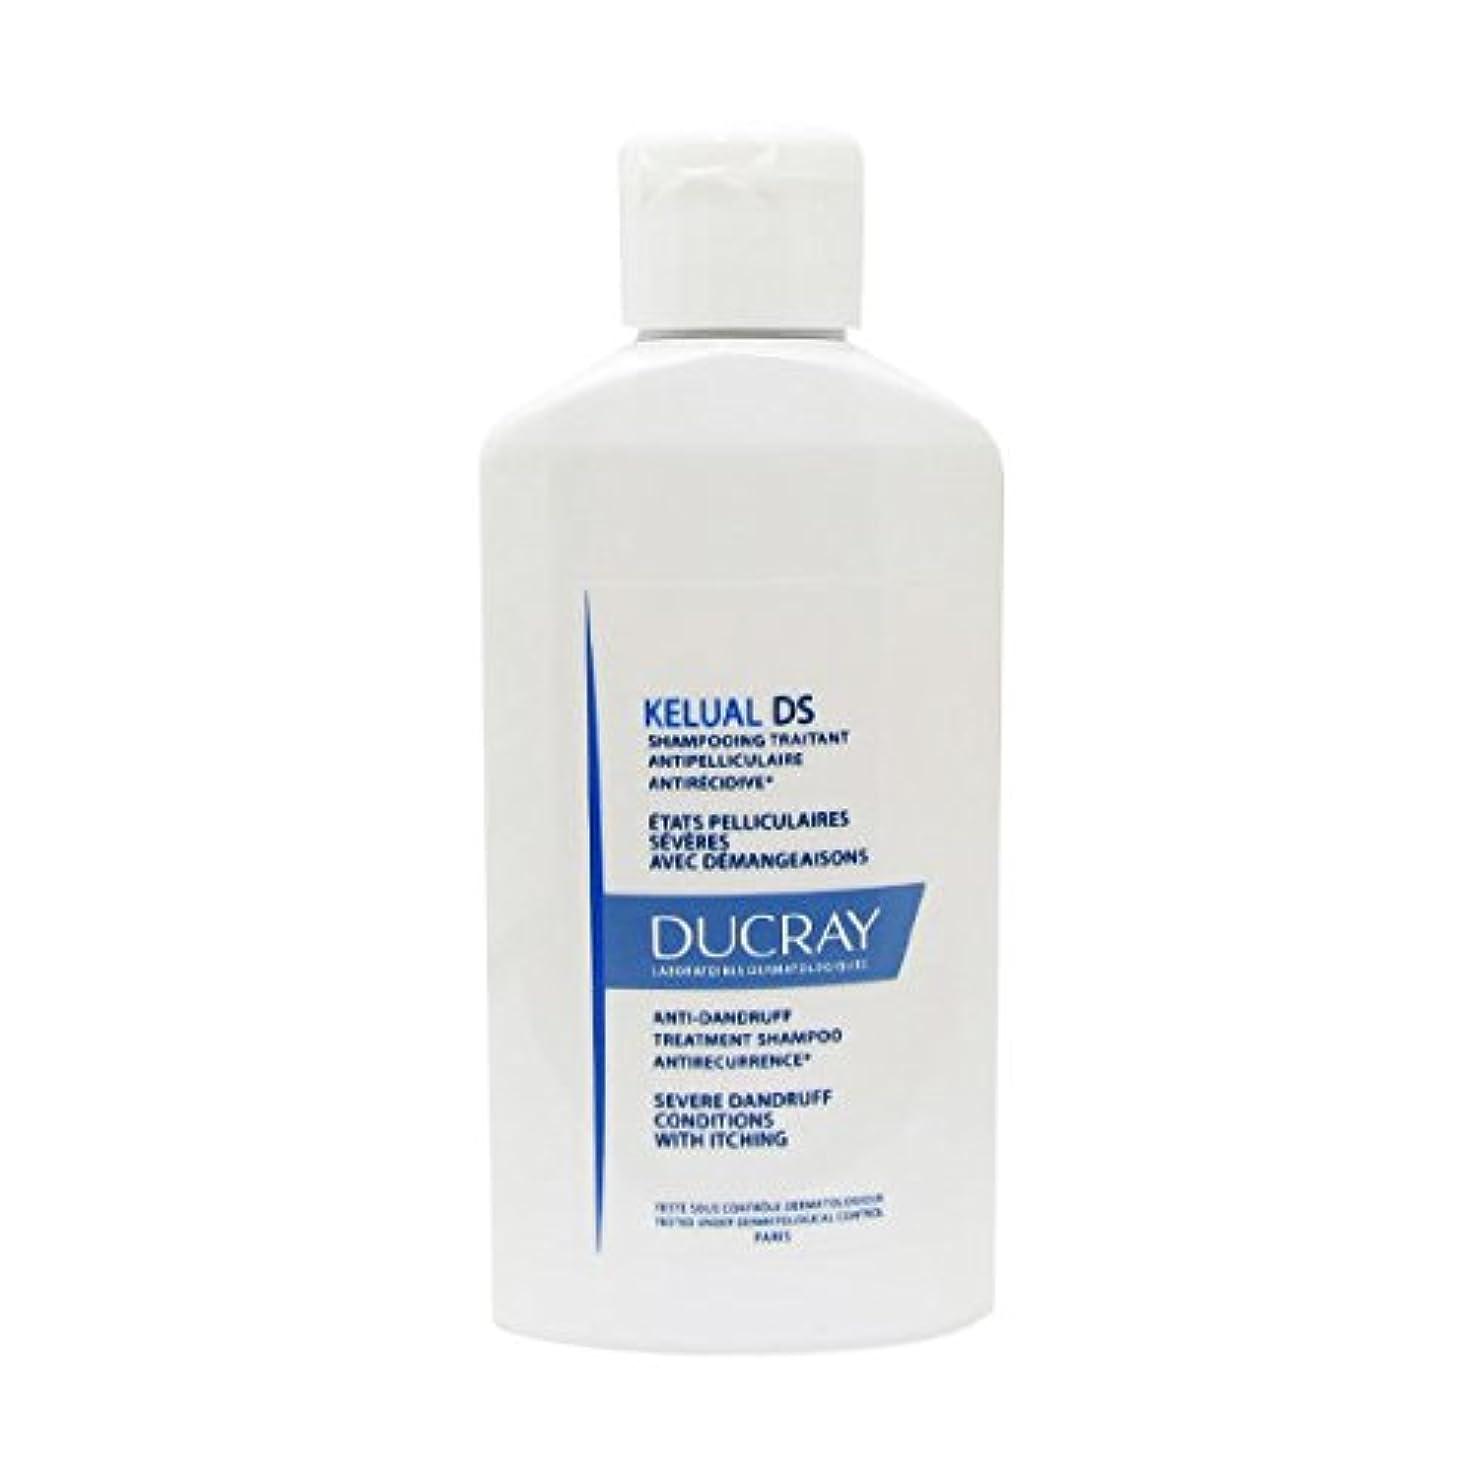 乱す五月悲しいDucray Kelual Ds Squamo-reducing Shampoo 100ml [並行輸入品]